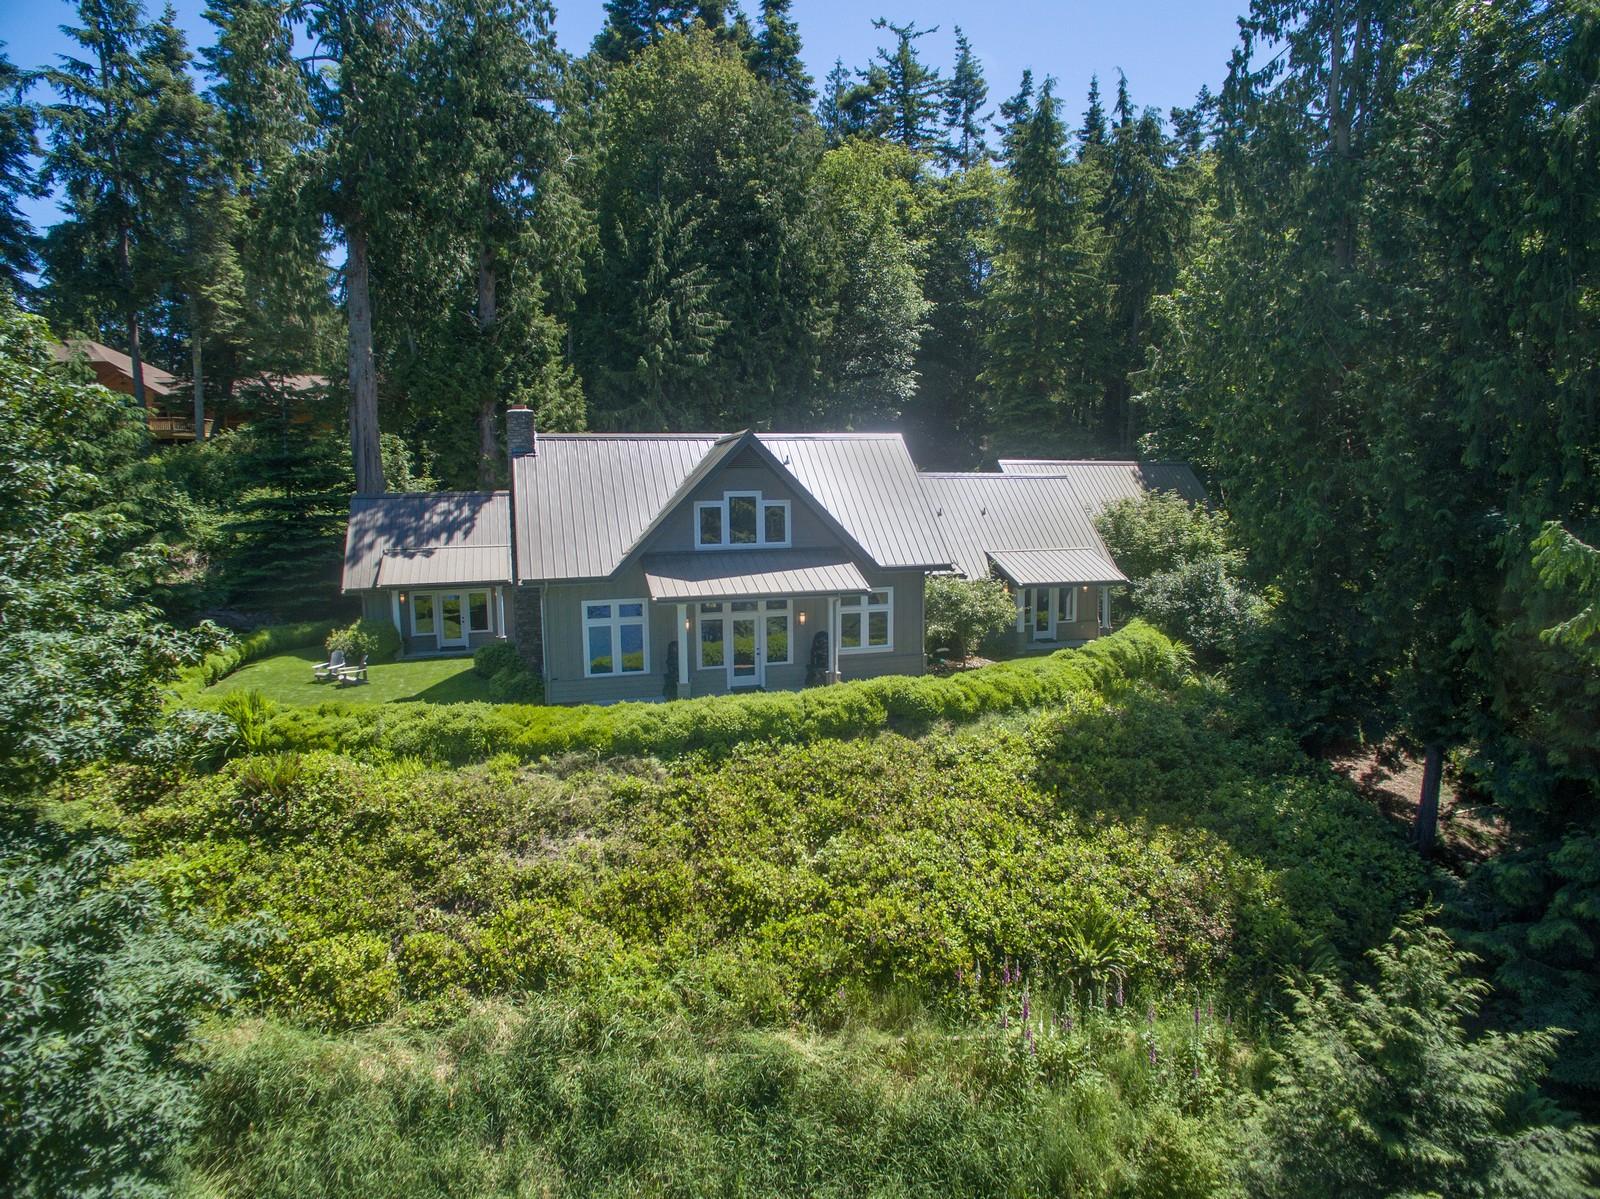 Частный односемейный дом для того Продажа на Ludlow Ridge 1331 E. Ludlow Ridge Road Port Ludlow, Вашингтон 98365 Соединенные Штаты